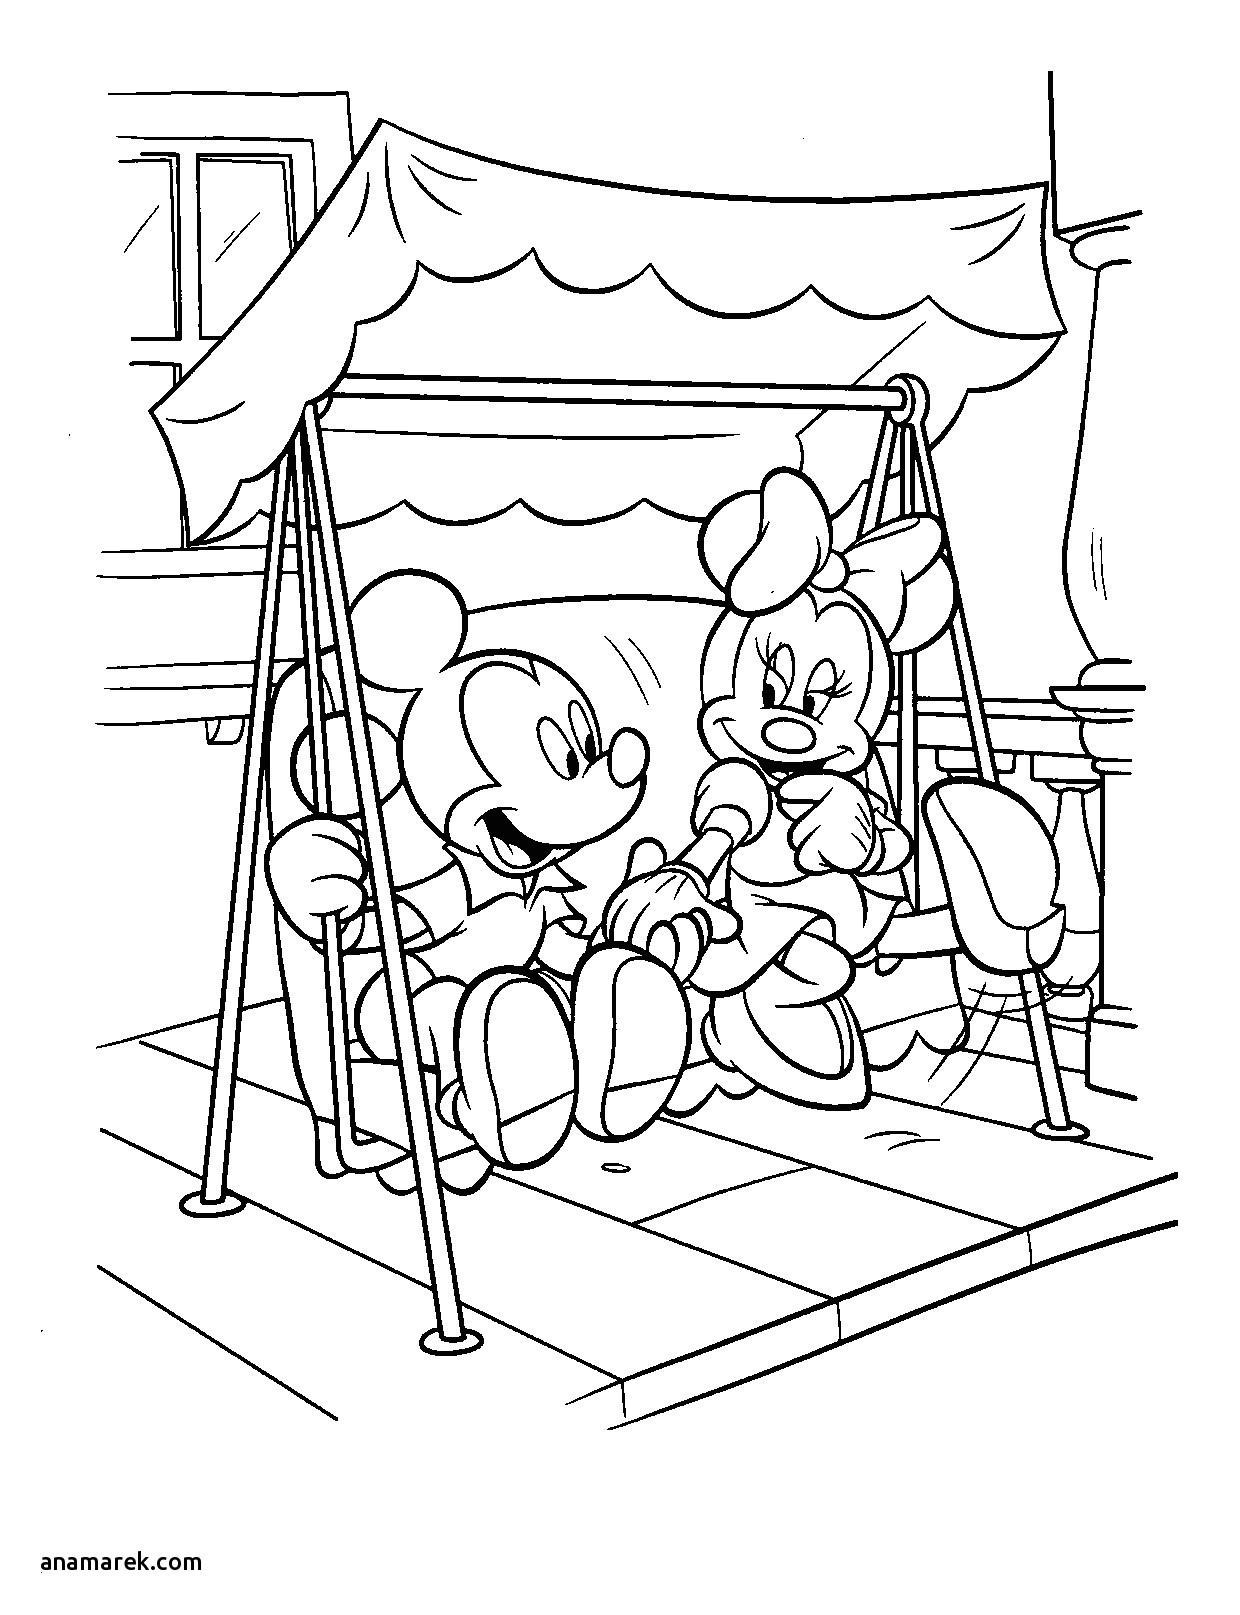 Minnie Maus Malvorlage Frisch 40 Minni Maus Ausmalbilder forstergallery Bild